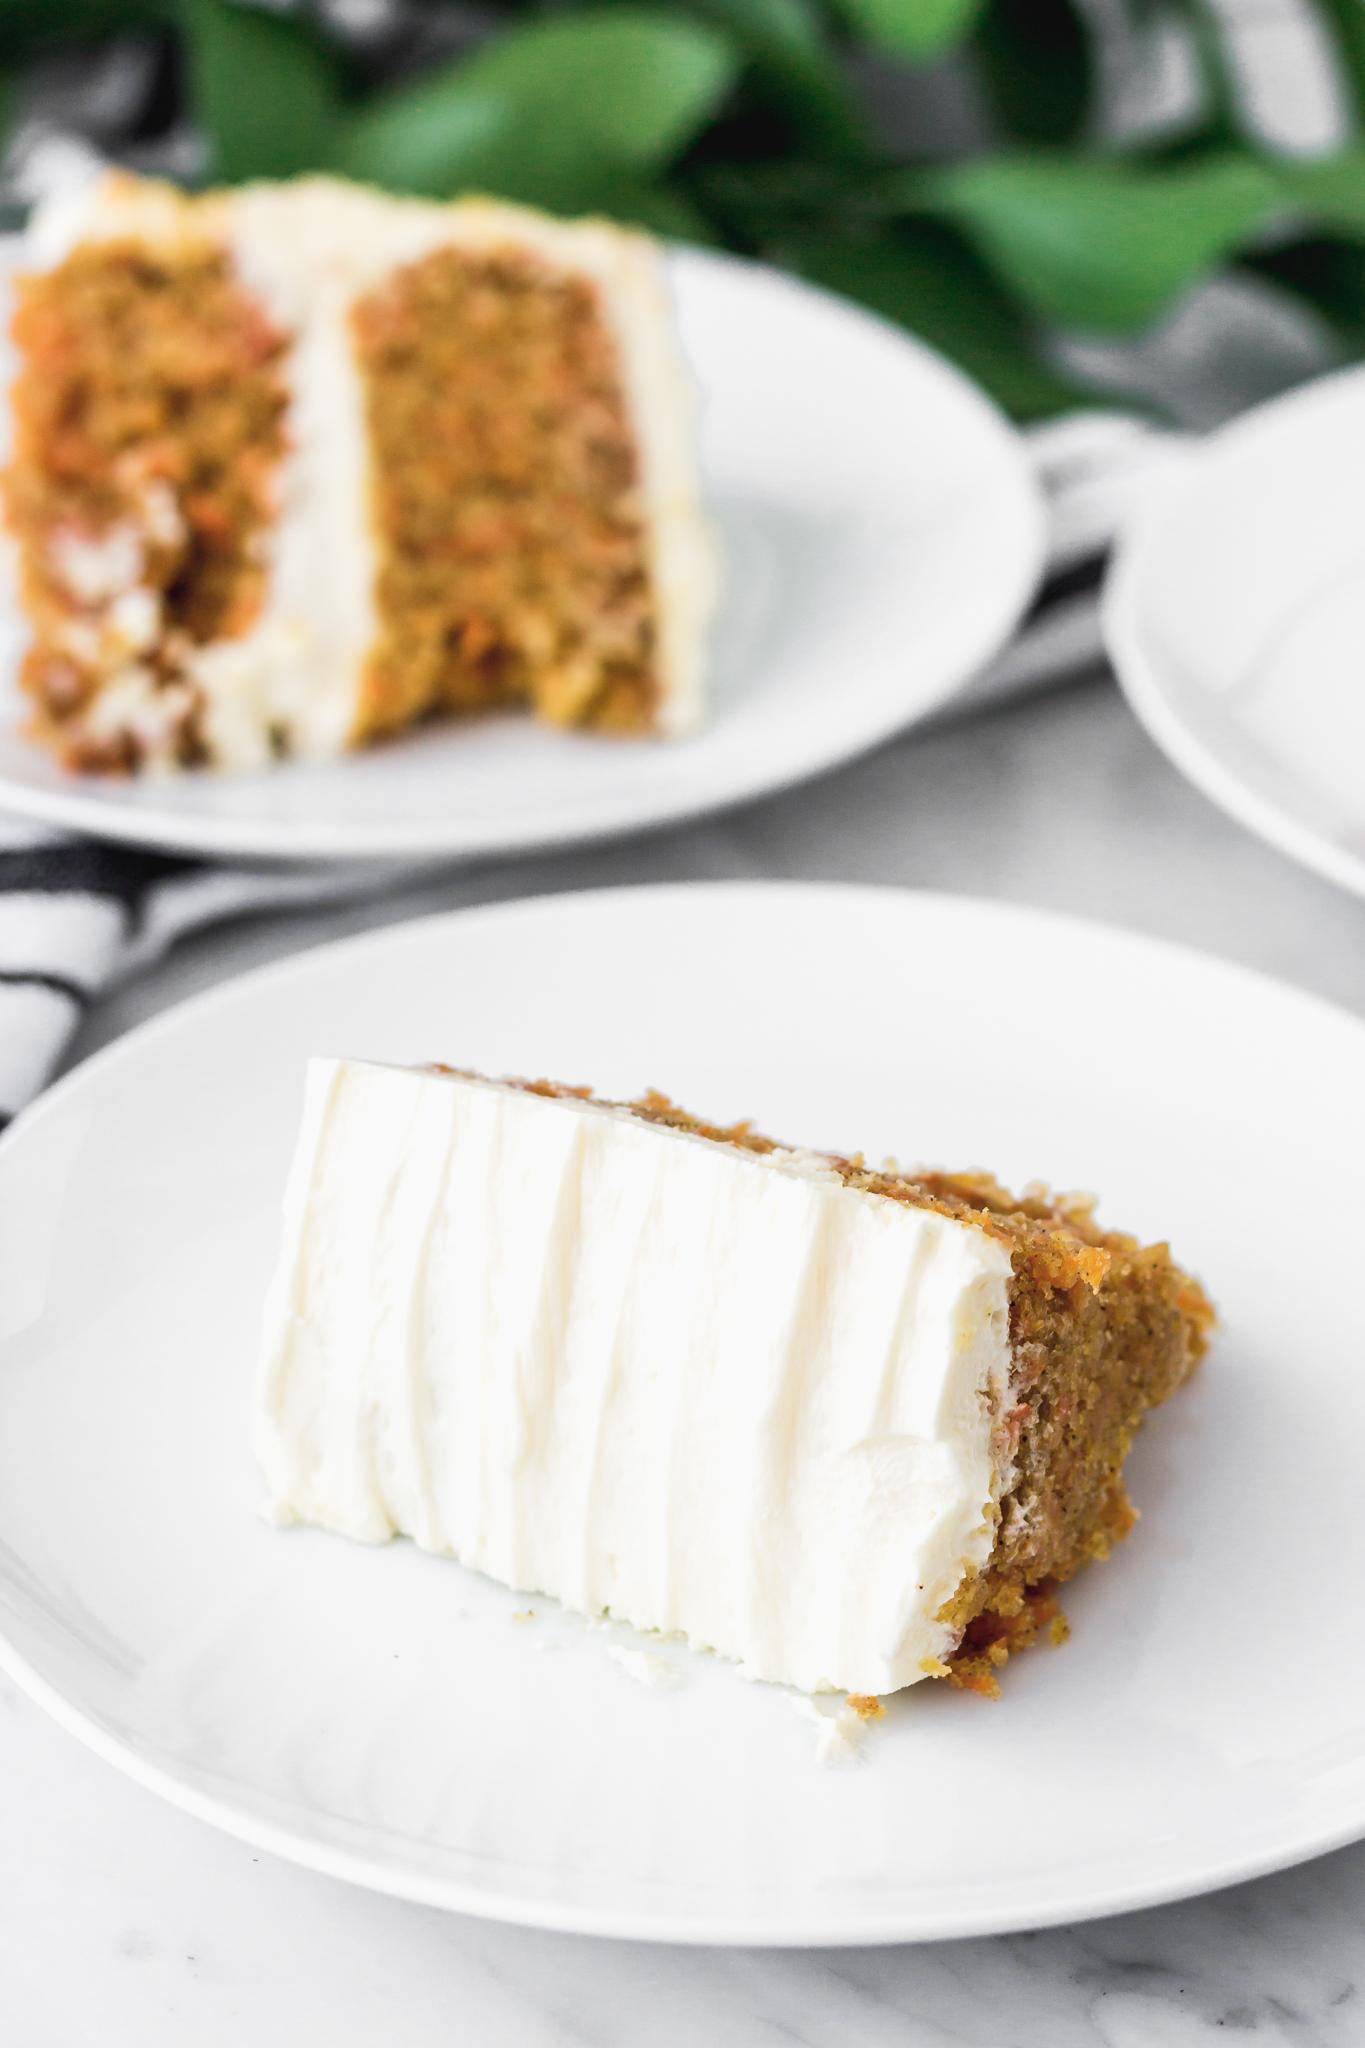 Carrot cake o torta de zanahoria con frosting de queso crema